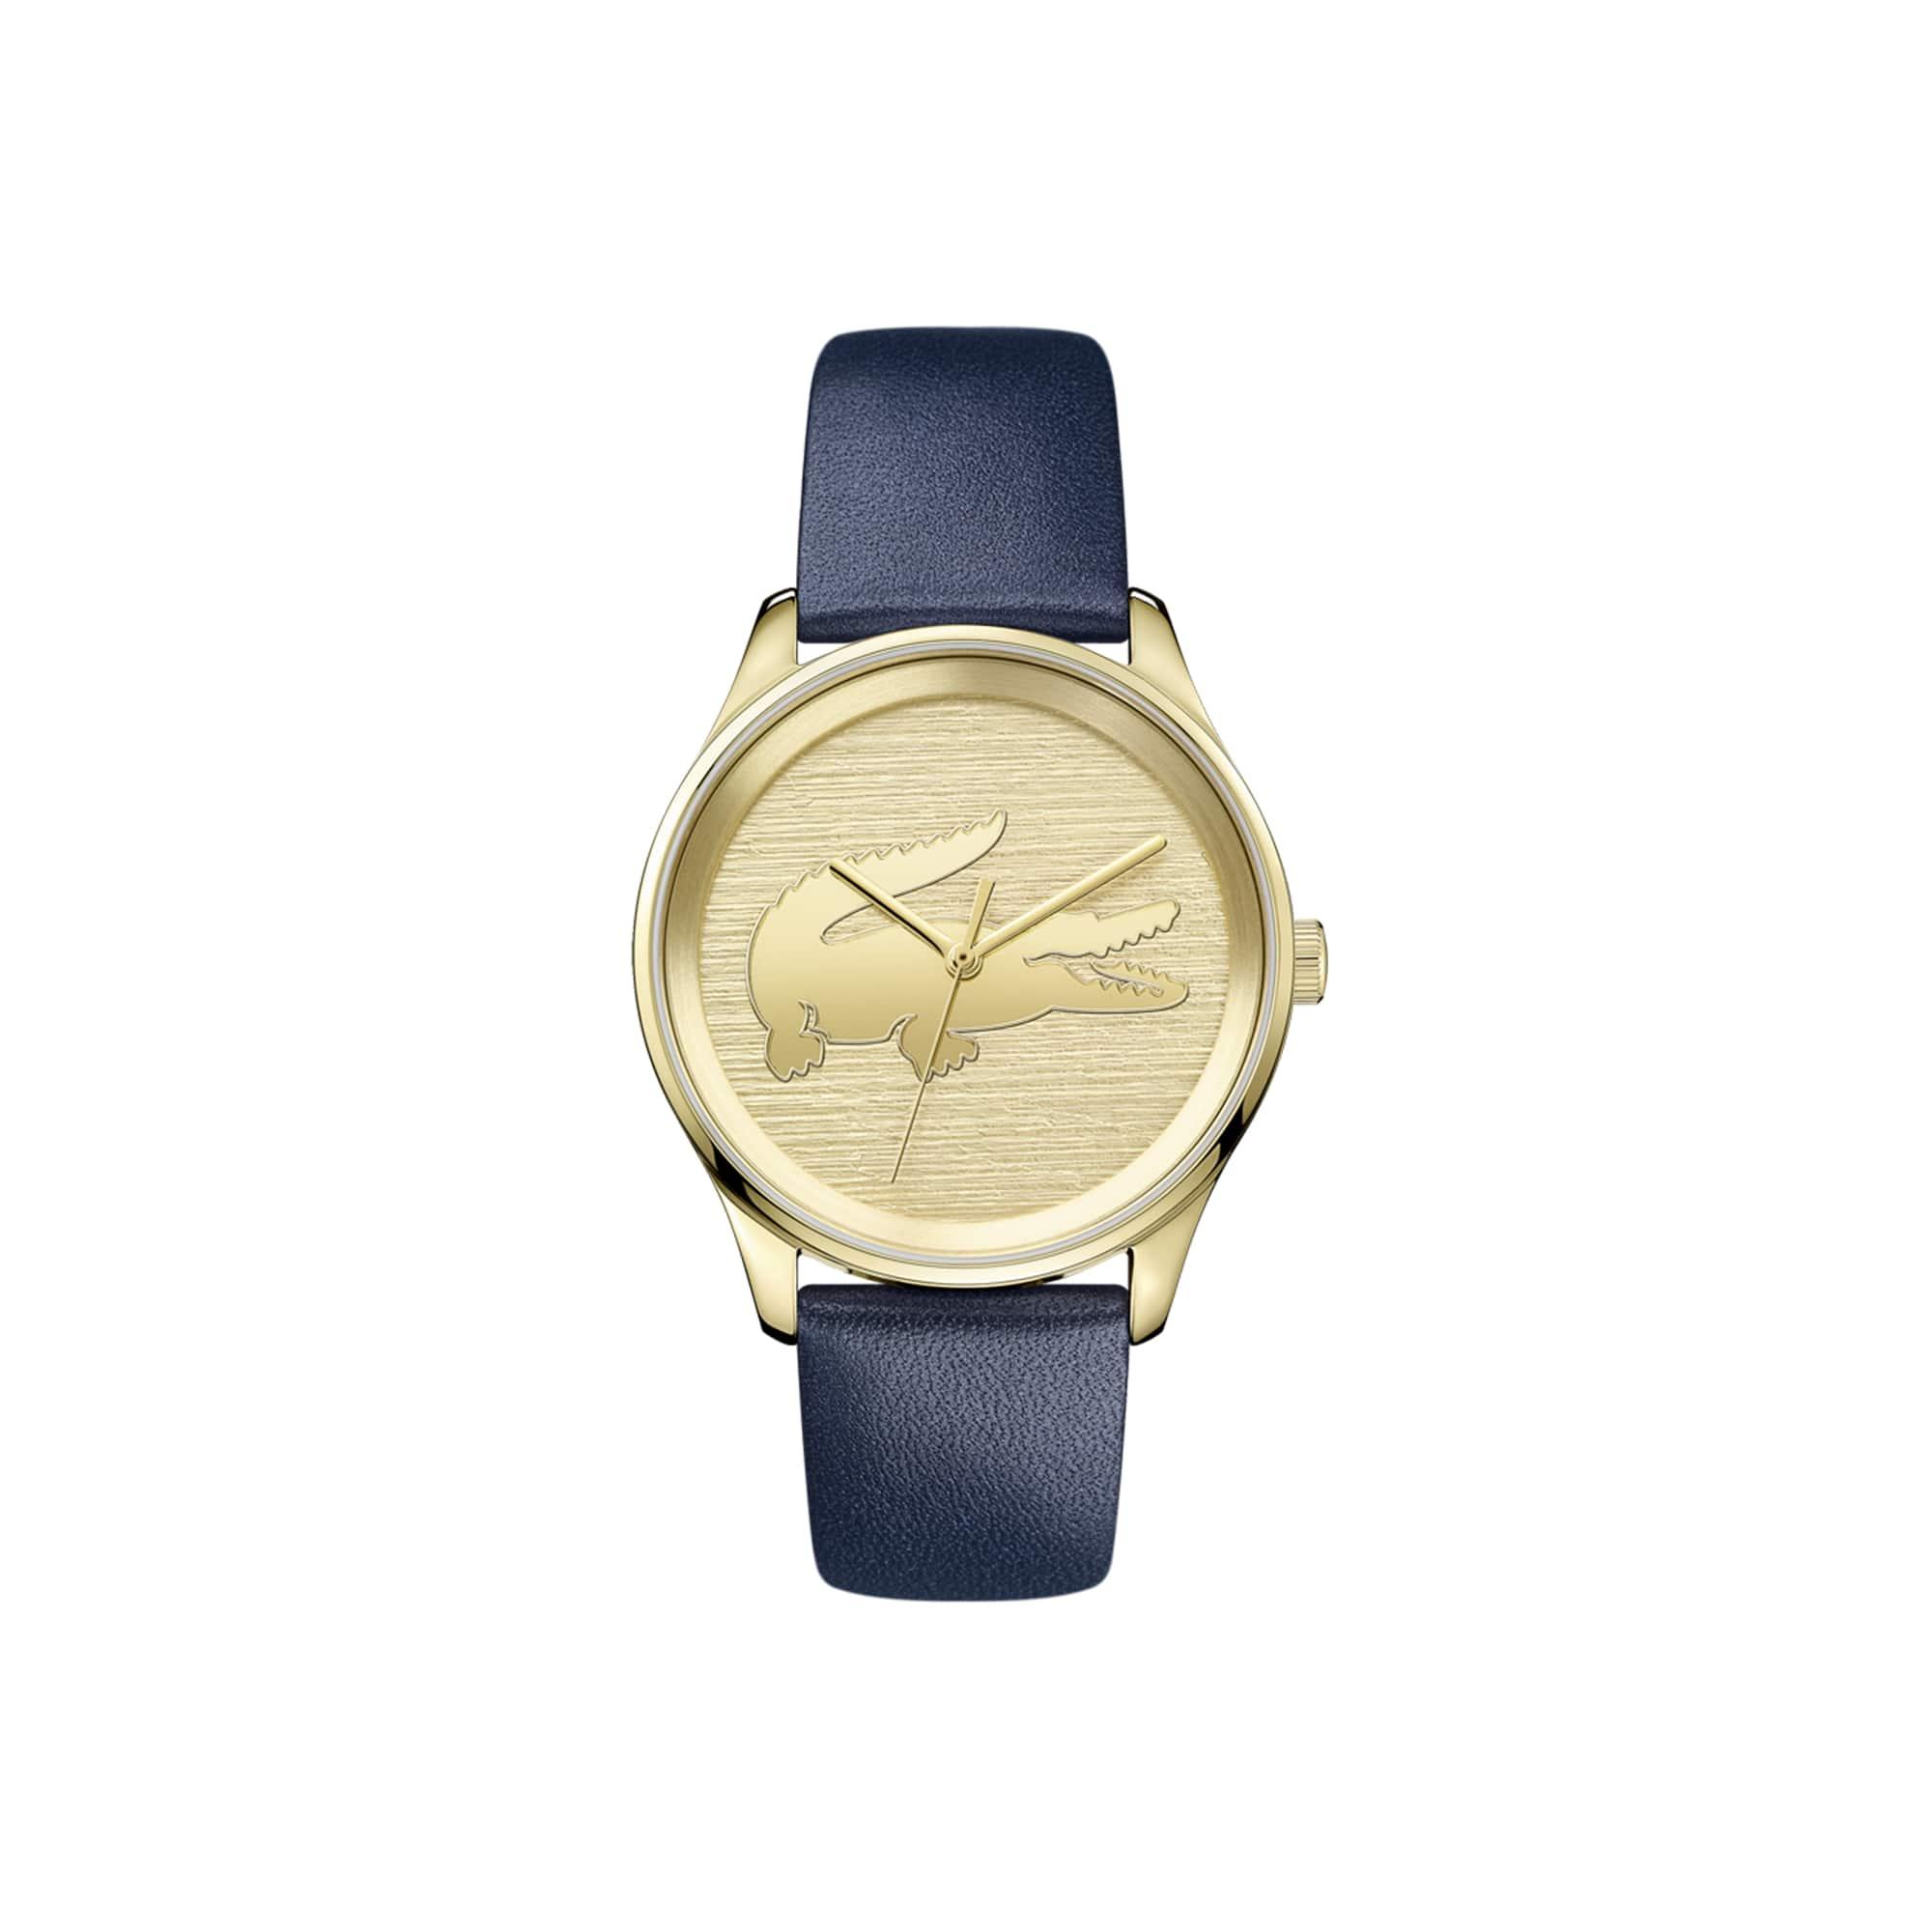 ساعة Valencia نسائية مع حزام أزرق من الجلد